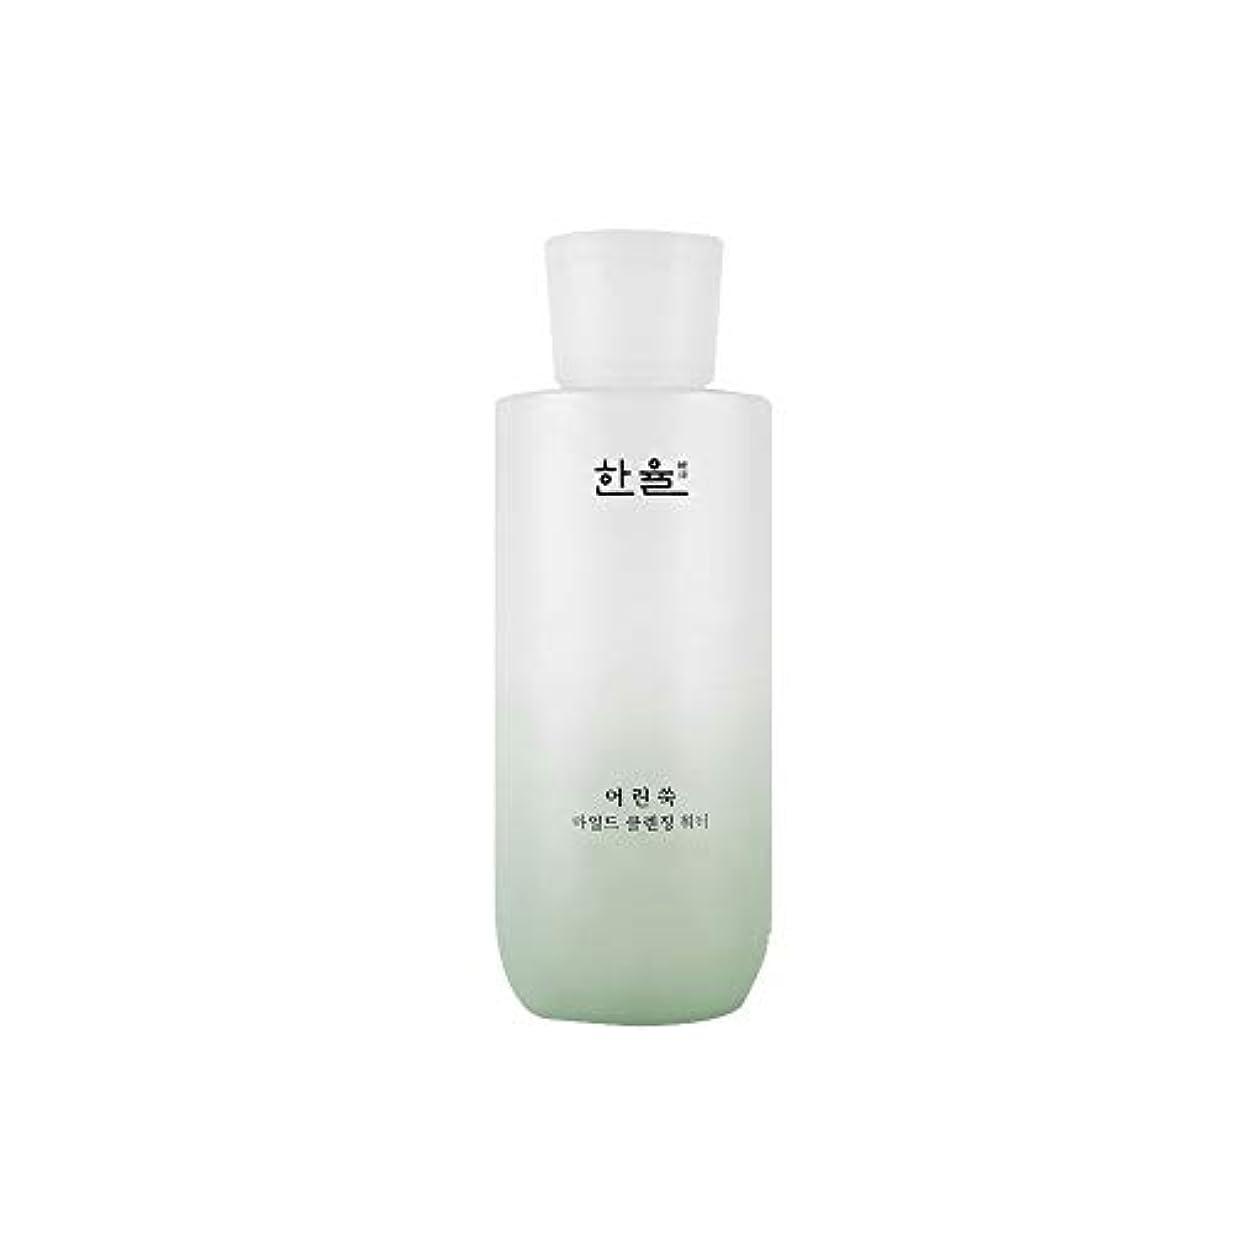 ガチョウパーティション芽【HANYUL公式】 ハンユル ヨモギマイルドクレンジングウォーター 300ml / Hanyul Pure Artemisia Mild Cleansing Water 300ml